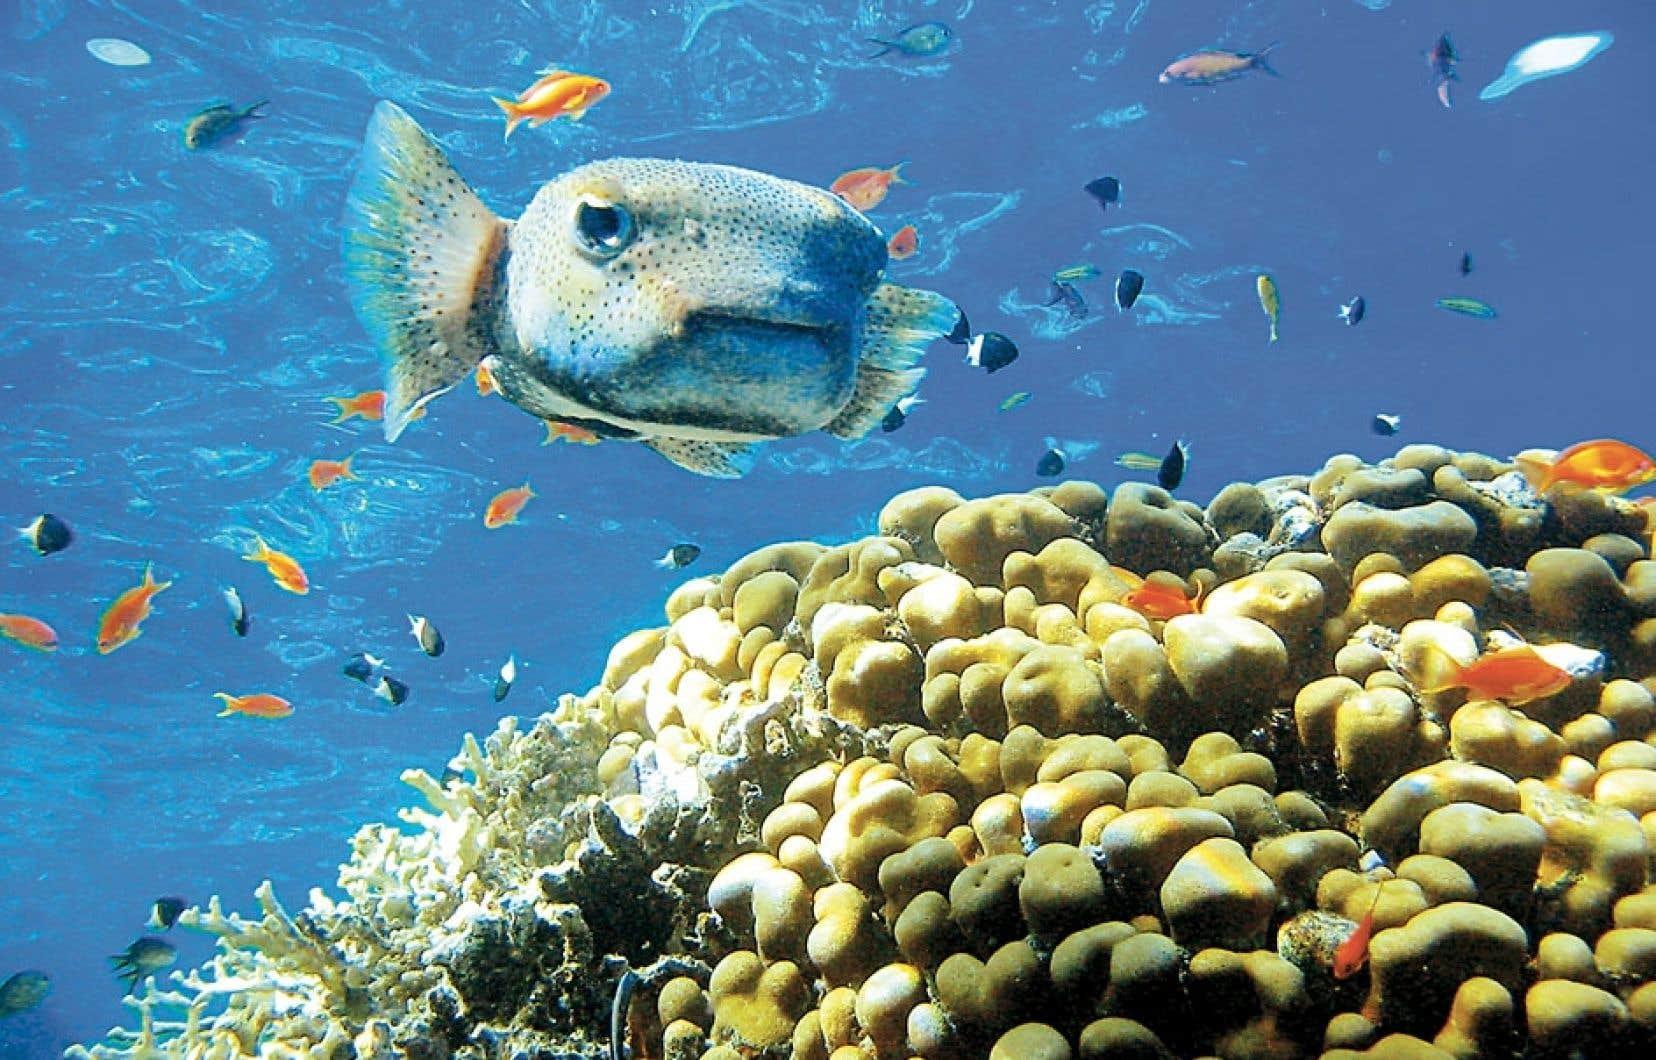 La hausse de la température globale semble inévitable. Dépasser la limite d'une hausse de 2°C serait catastrophique en matière de perte de biodiversité marine, avec tous les impacts que cela engendre.